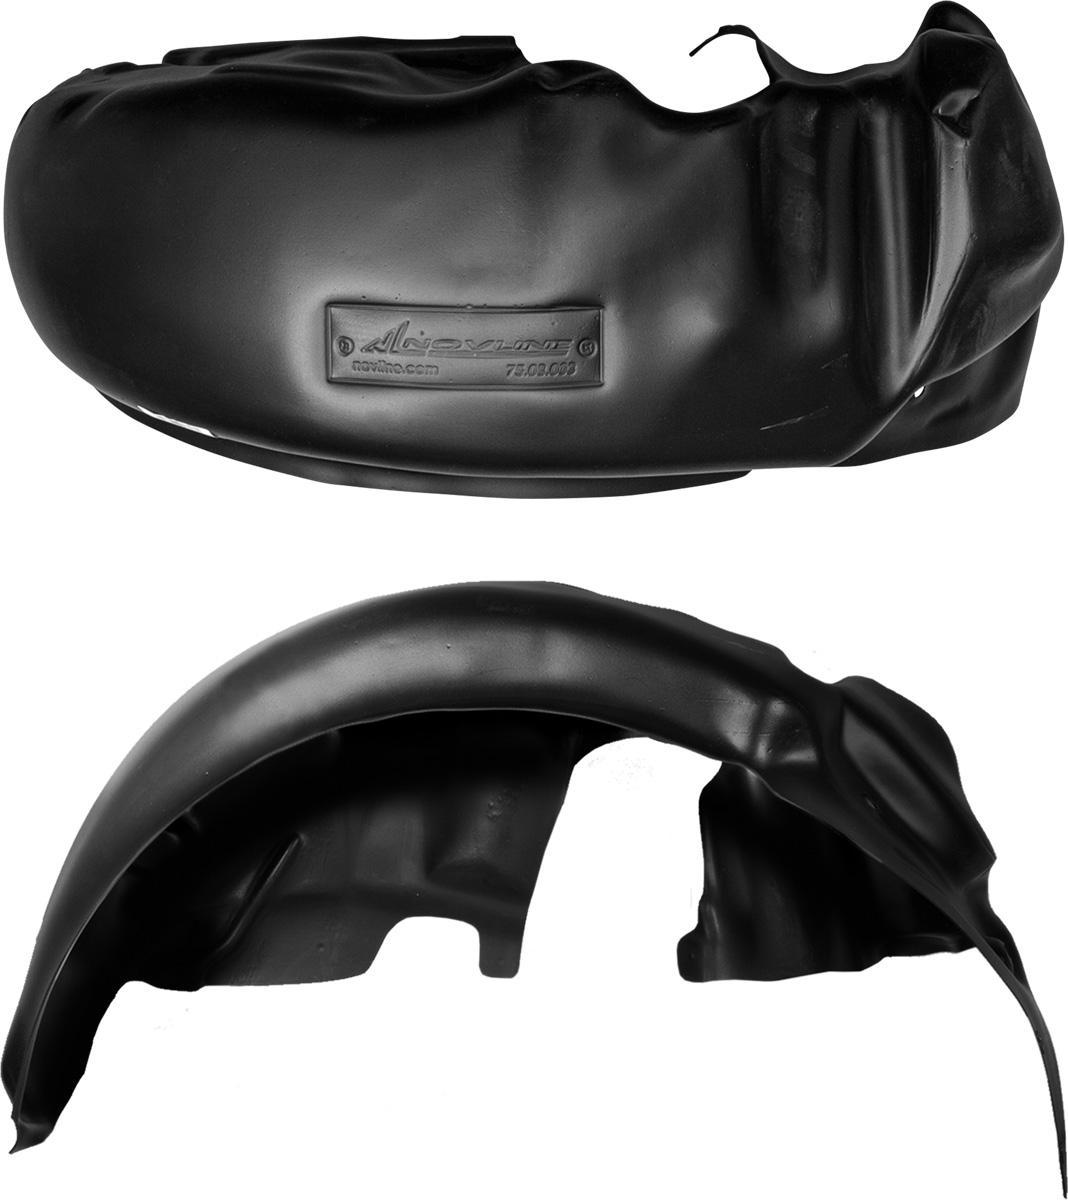 Подкрылок Novline-Autofamily, для Renault Sandero Stepway, 2010-2014, задний левыйNLL.41.28.003Колесные ниши - одни из самых уязвимых зон днища вашего автомобиля. Они постоянно подвергаются воздействию со стороны дороги. Лучшая, почти абсолютная защита для них - специально отформованные пластиковые кожухи, которые называются подкрылками. Производятся они как для отечественных моделей автомобилей, так и для иномарок. Подкрылки Novline-Autofamily выполнены из высококачественного, экологически чистого пластика. Обеспечивают надежную защиту кузова автомобиля от пескоструйного эффекта и негативного влияния, агрессивных антигололедных реагентов. Пластик обладает более низкой теплопроводностью, чем металл, поэтому в зимний период эксплуатации использование пластиковых подкрылков позволяет лучше защитить колесные ниши от налипания снега и образования наледи. Оригинальность конструкции подчеркивает элегантность автомобиля, бережно защищает нанесенное на днище кузова антикоррозийное покрытие и позволяет осуществить крепление подкрылков внутри колесной арки практически без...